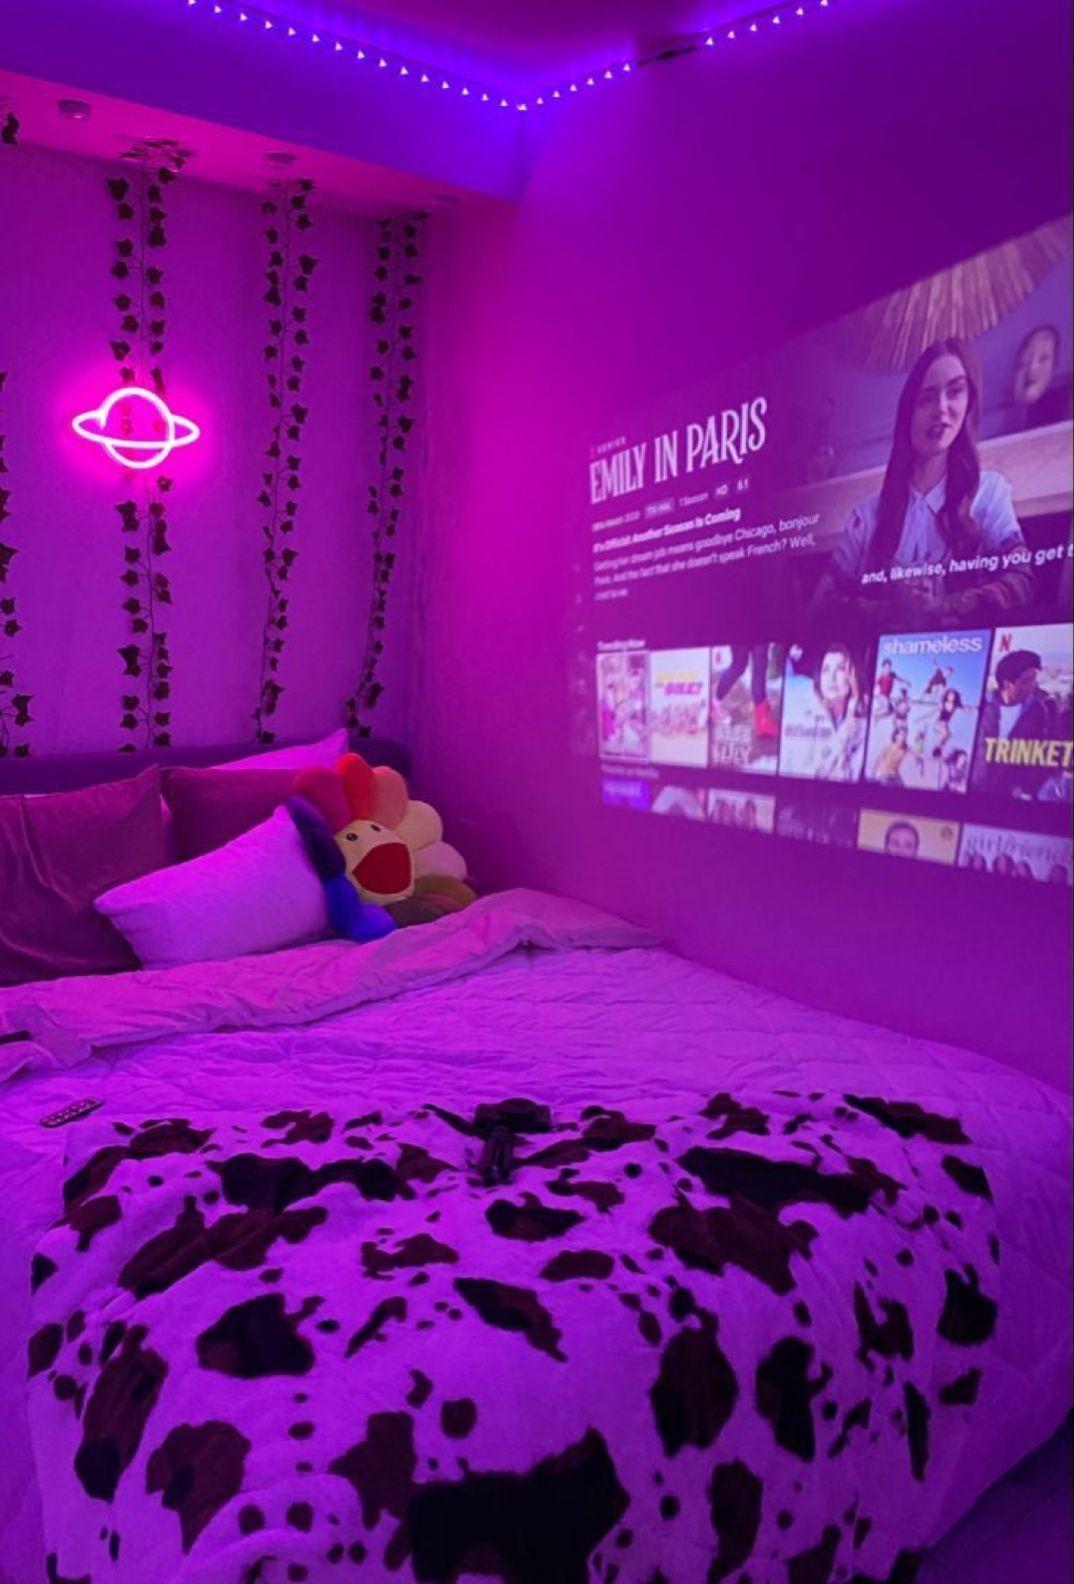 𝐋𝐎𝐕𝐄 𝐀𝐍𝐃 𝐁𝐀𝐒𝐊𝐄𝐓𝐁𝐀𝐋𝐋 ᵕ̈ 1 in 2021 Room inspo, Dreamy